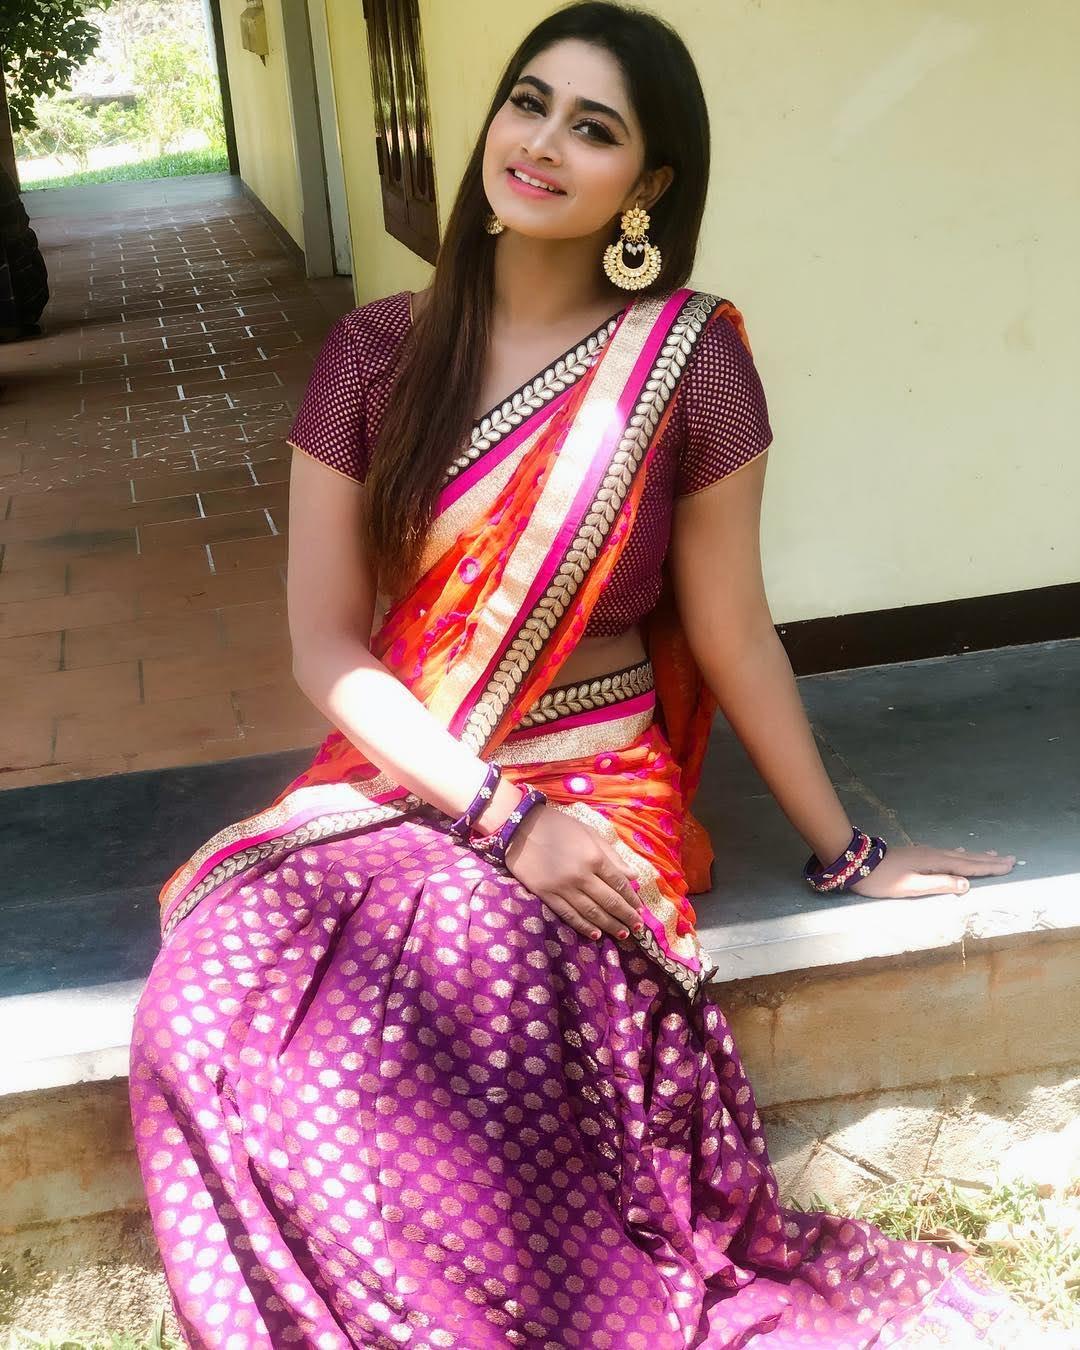 shivani_narayanan_515113265